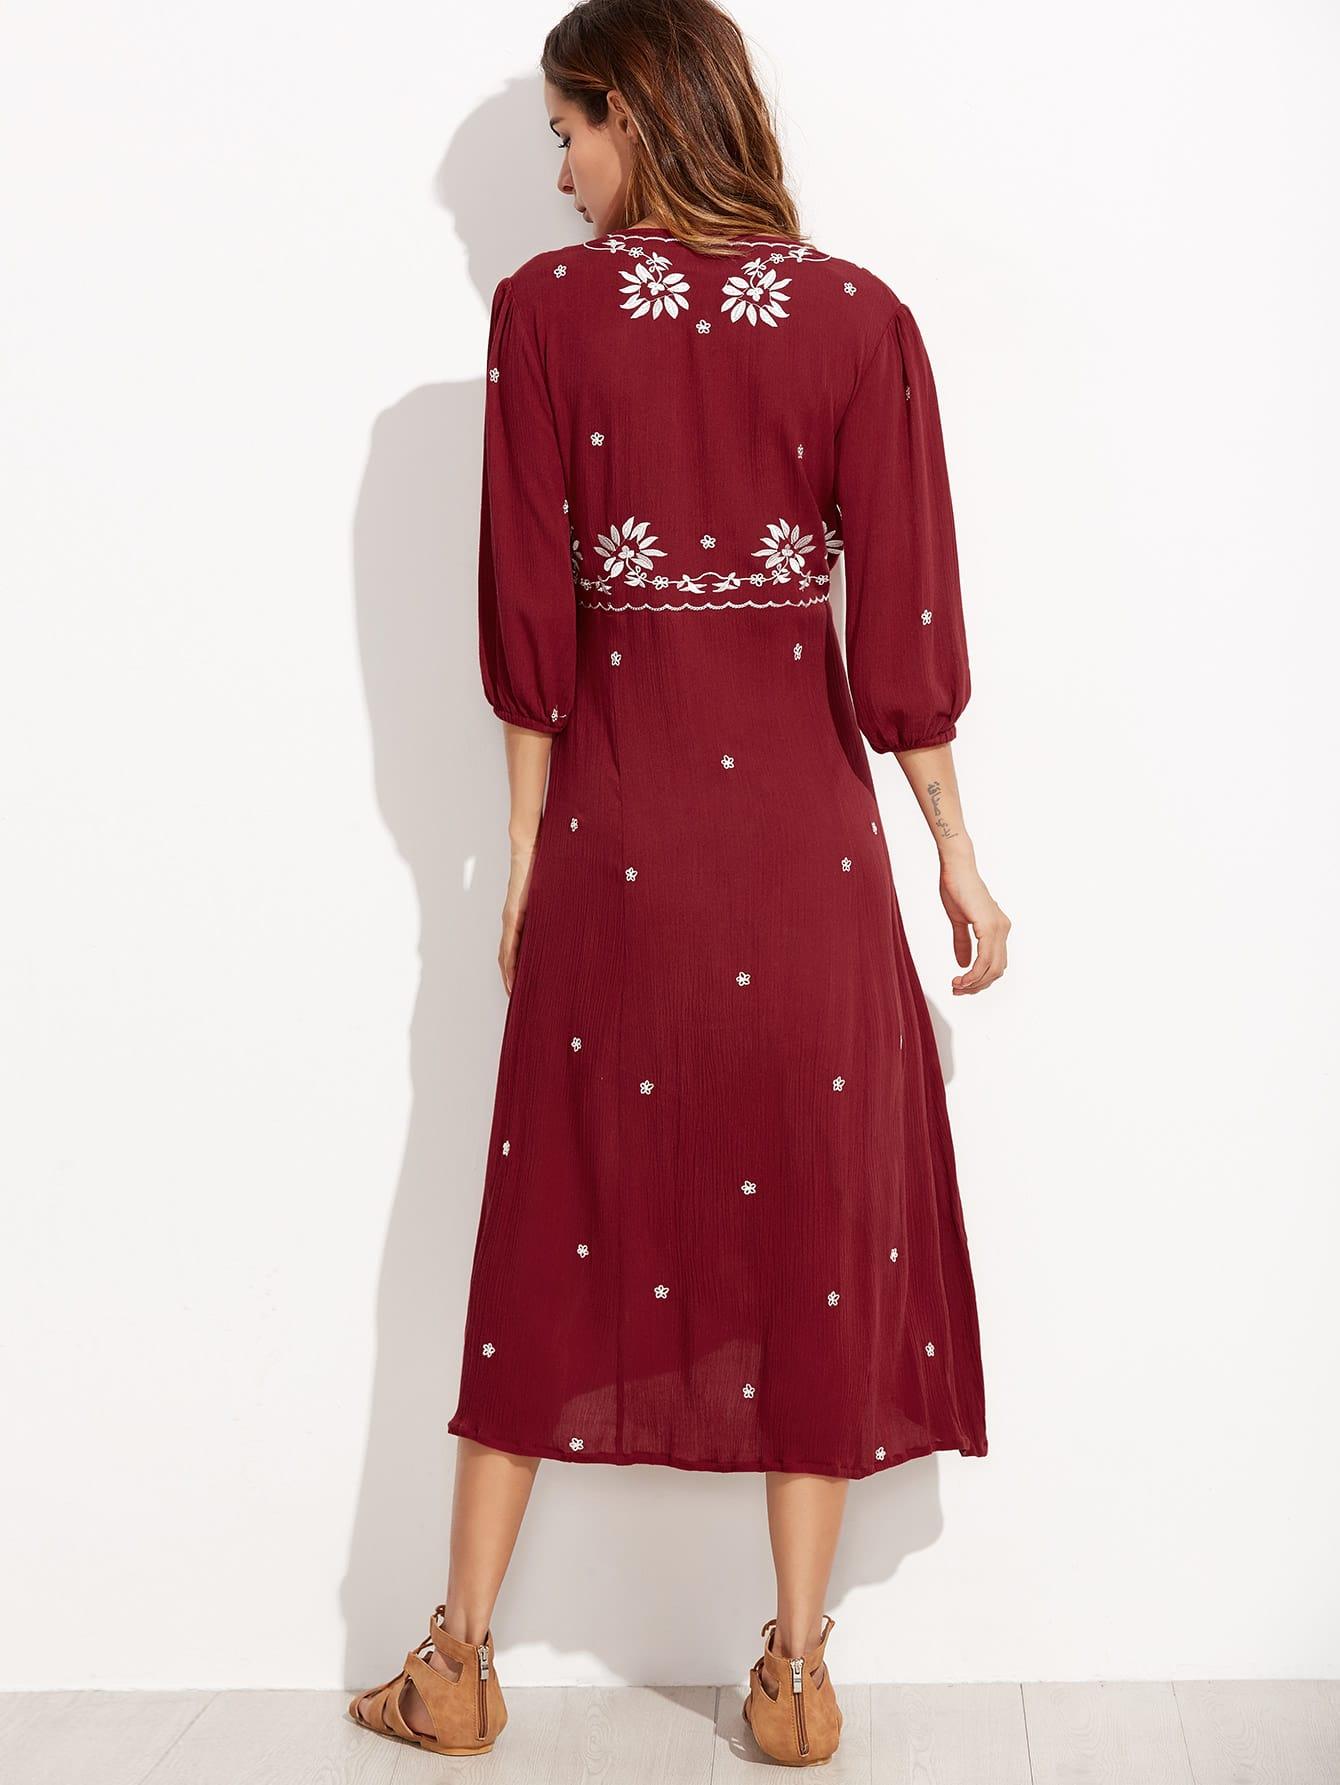 dress160901503_2